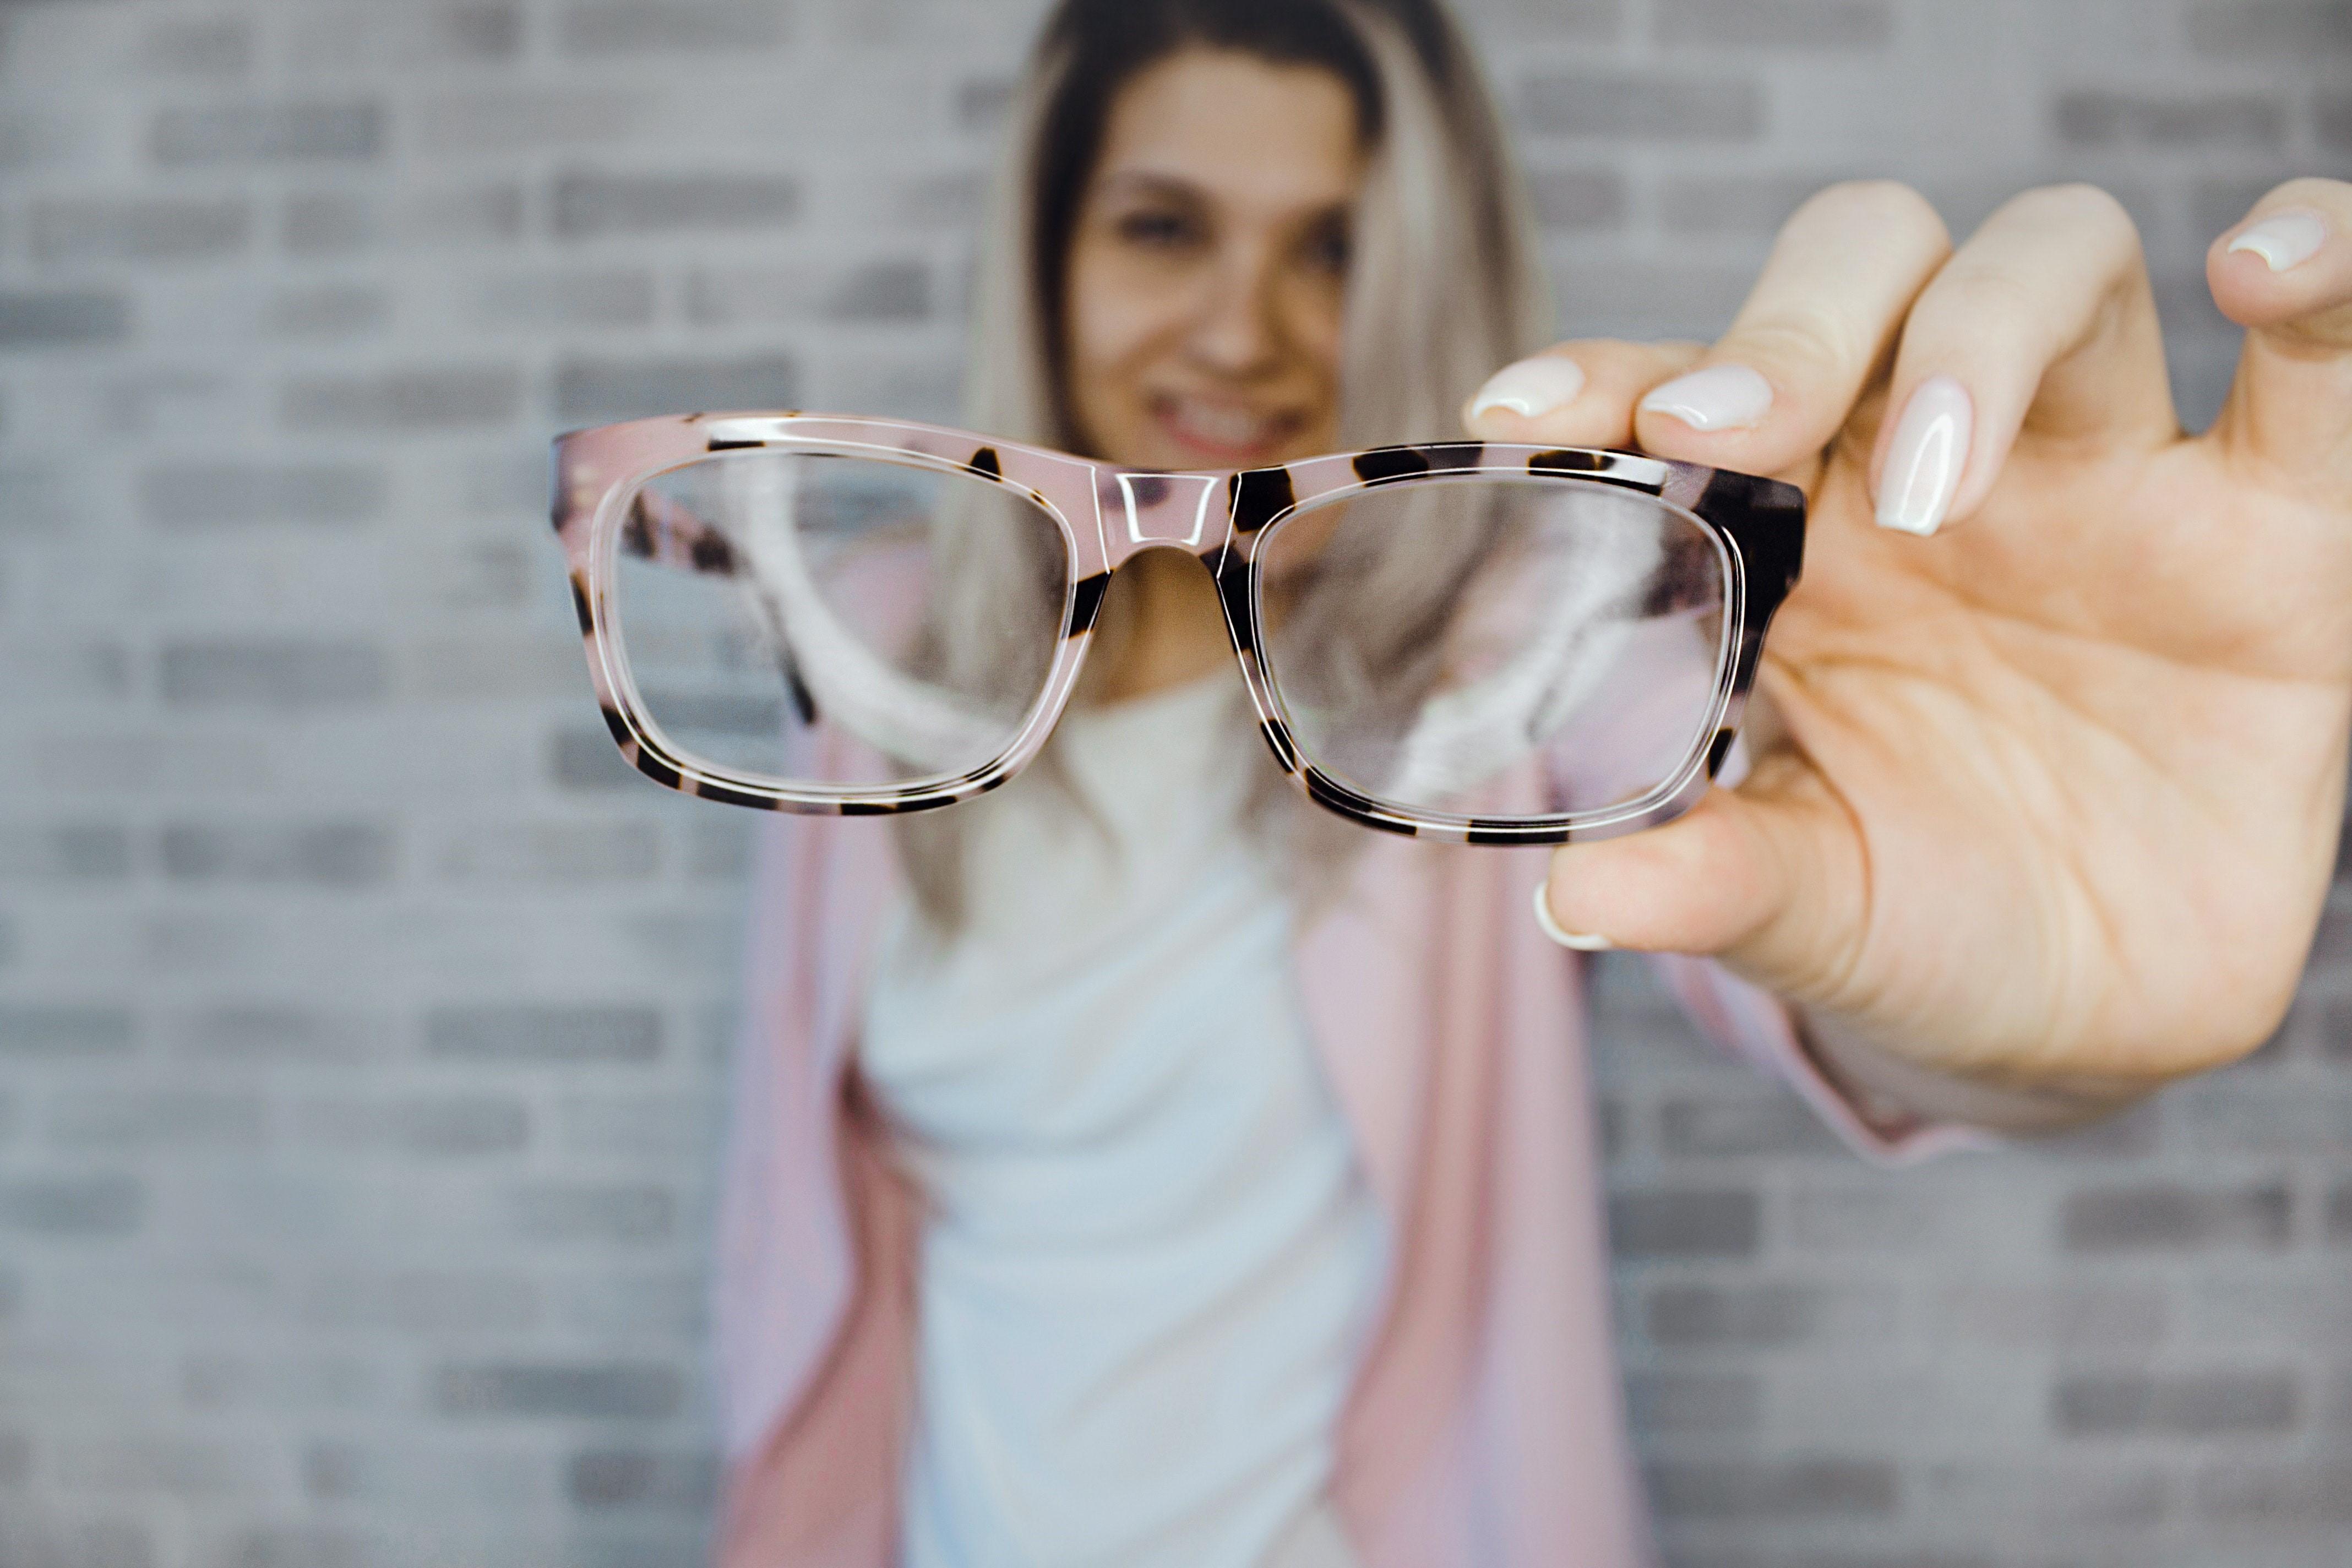 Augenlasern bei Kurzsichtigkeit mit Hilfe der Methode Relex Smile